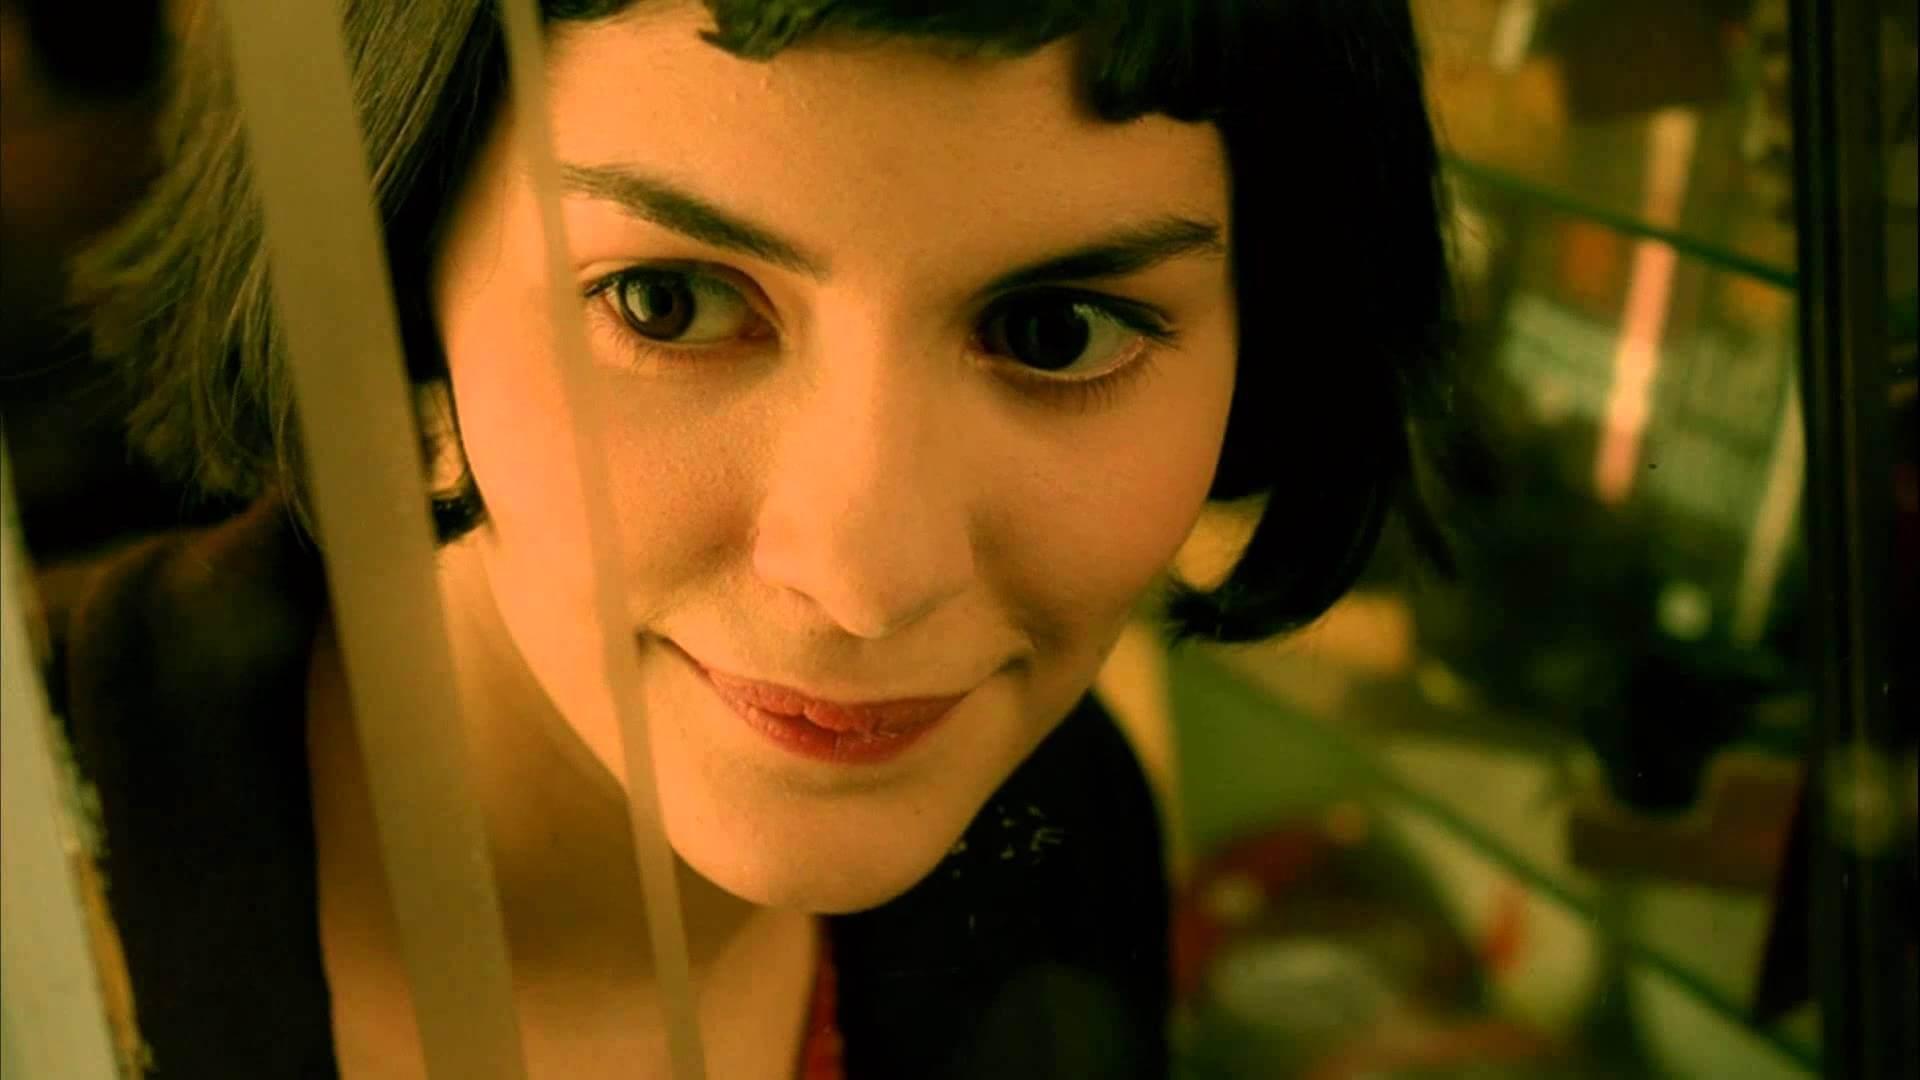 5 películas que utilizan las emociones para hablar de valores